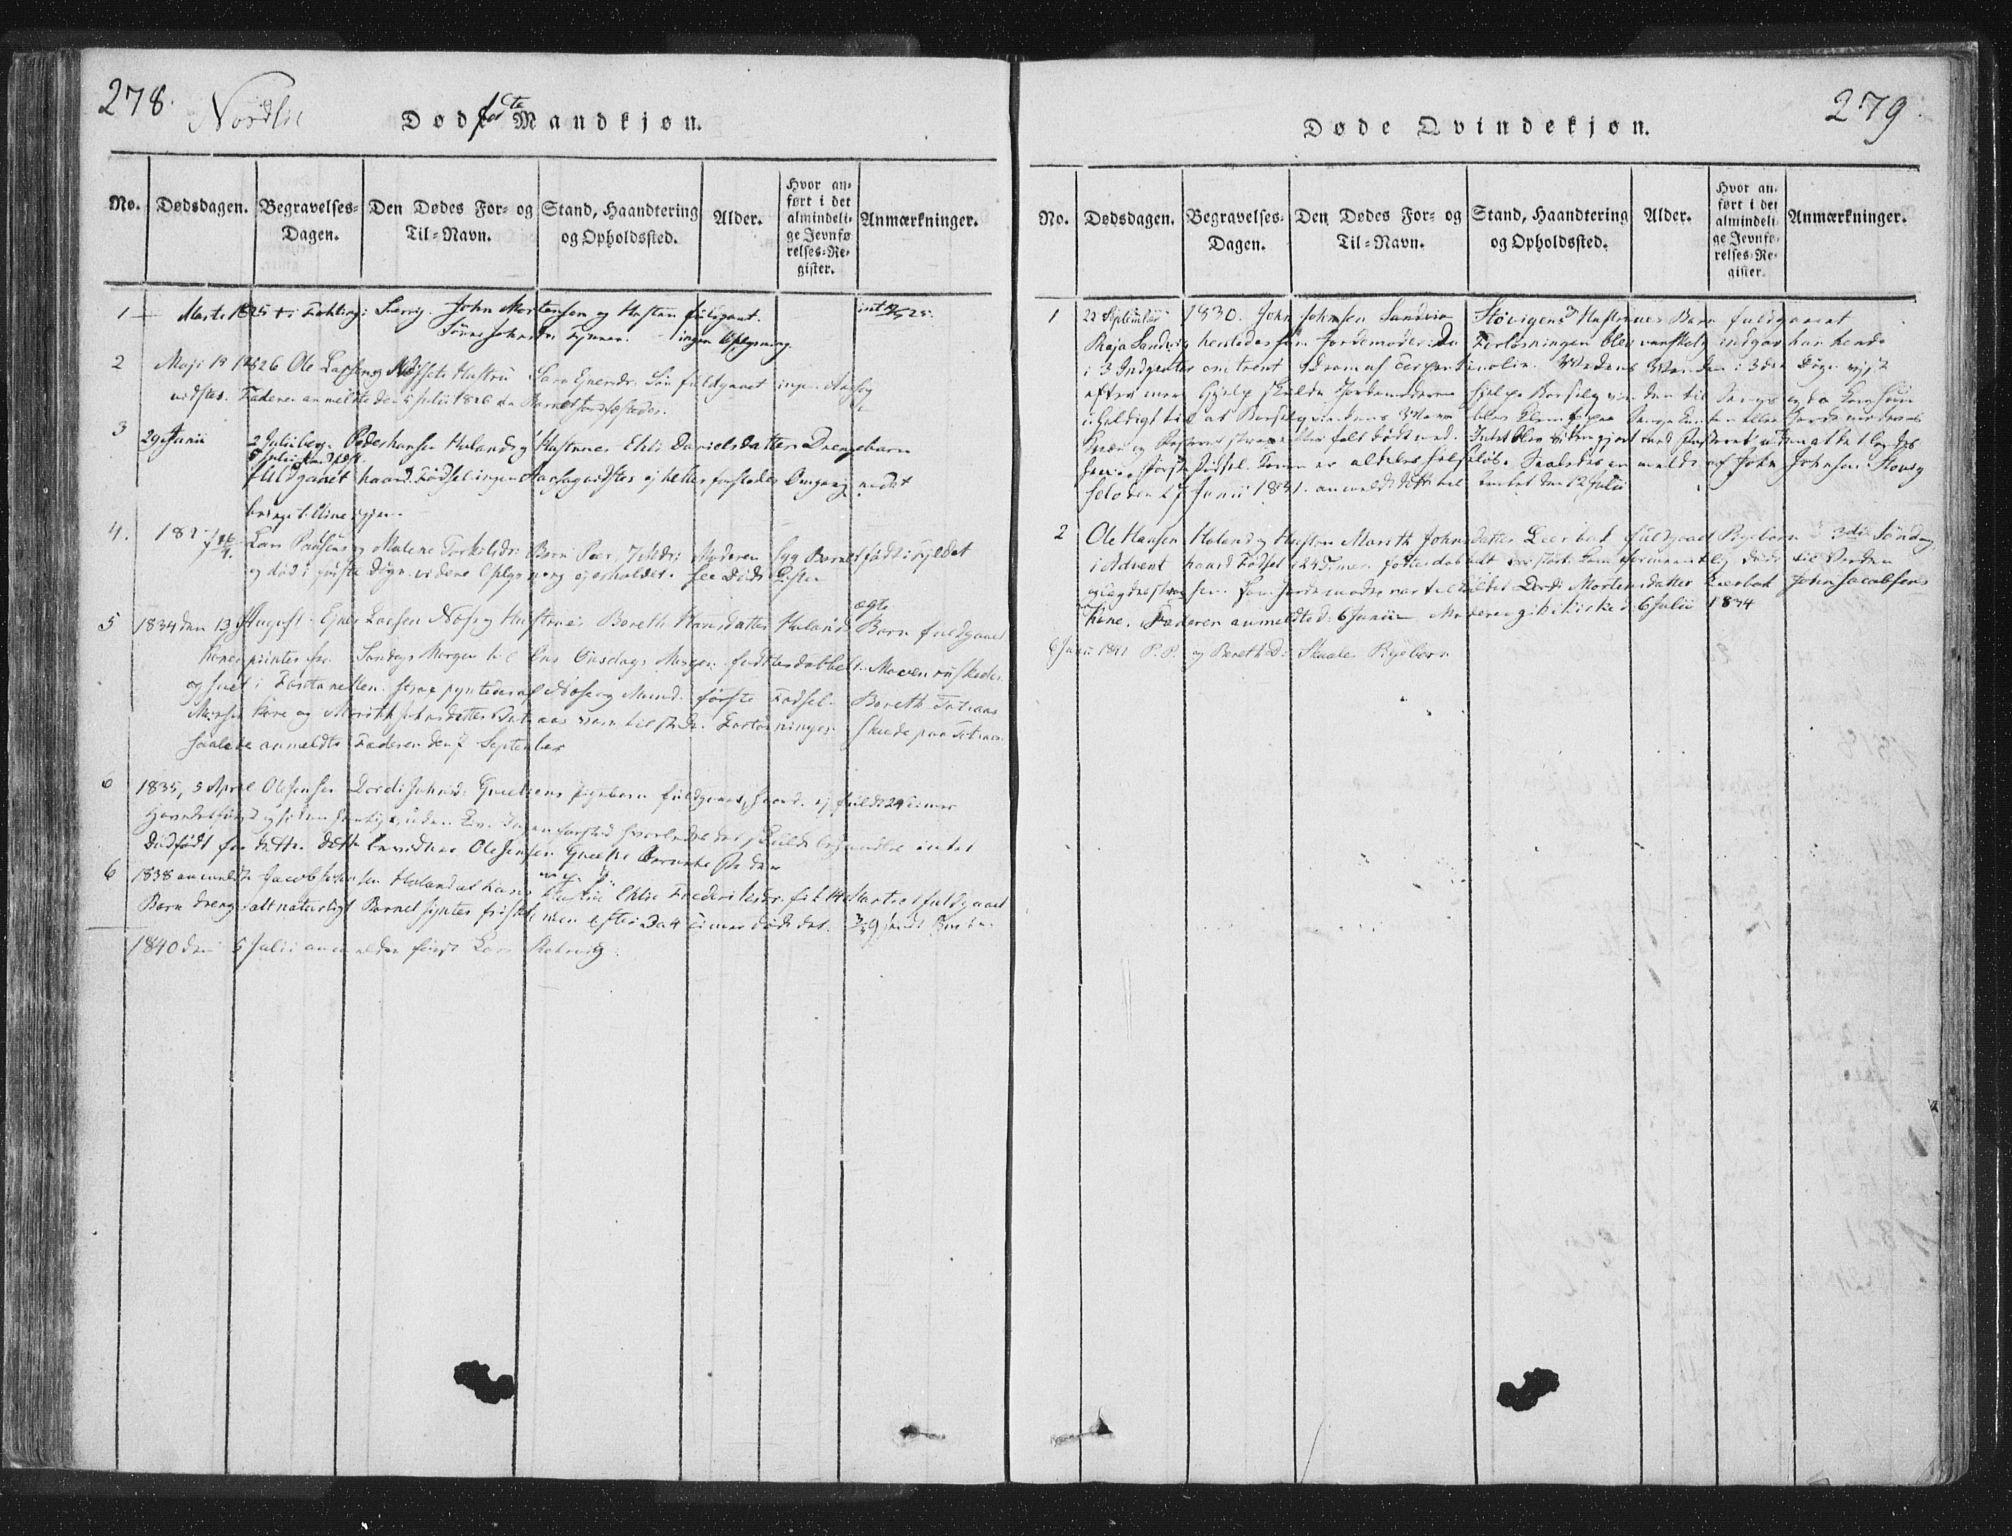 SAT, Ministerialprotokoller, klokkerbøker og fødselsregistre - Nord-Trøndelag, 755/L0491: Ministerialbok nr. 755A01 /1, 1817-1864, s. 278-279